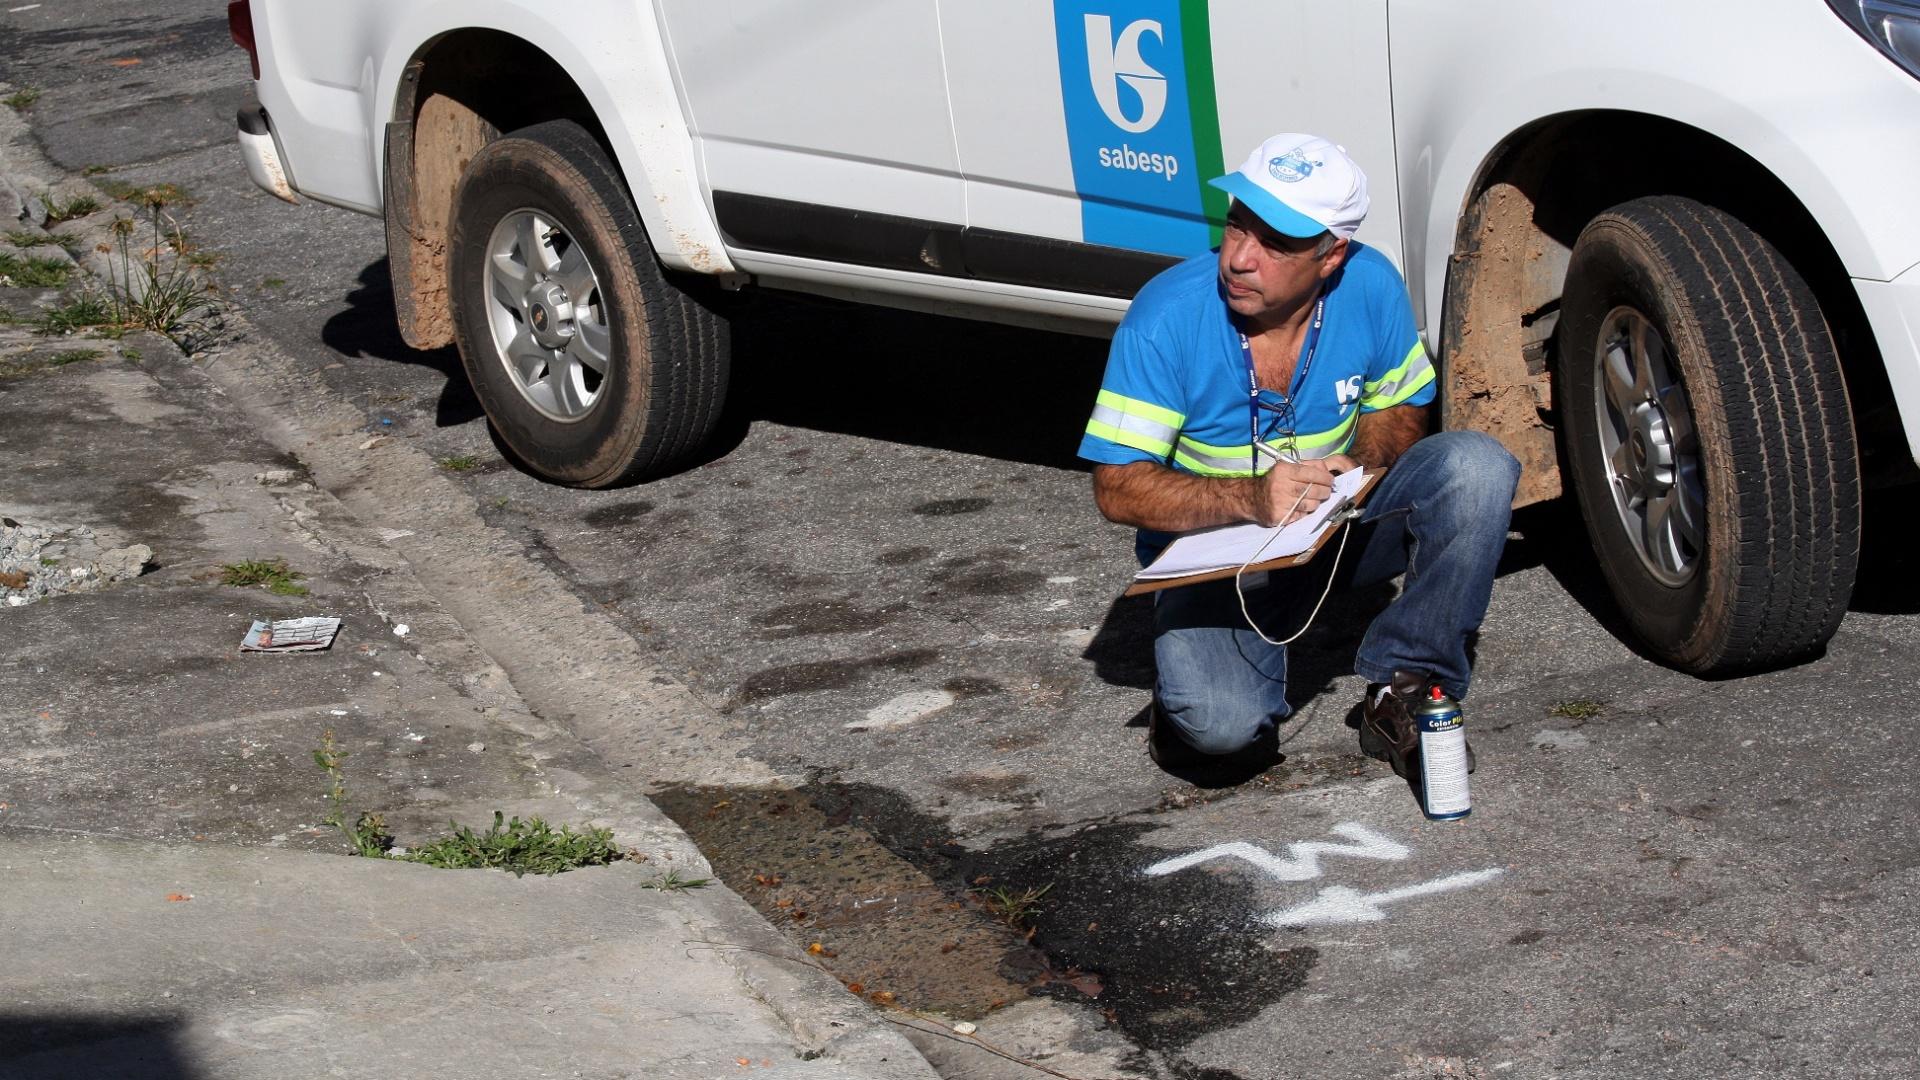 14.jul.2015 - O motorista da Sabesp Marinho Araújo Souza, 59, percorre ruas da região metropolitana de SP em busca de vazamentos no tempo livre entre uma viagem e outra do superintendente da empresa na zona leste de São Paulo. Na imagem, Marinho nota um vazamento na rua Morename, e registra o local